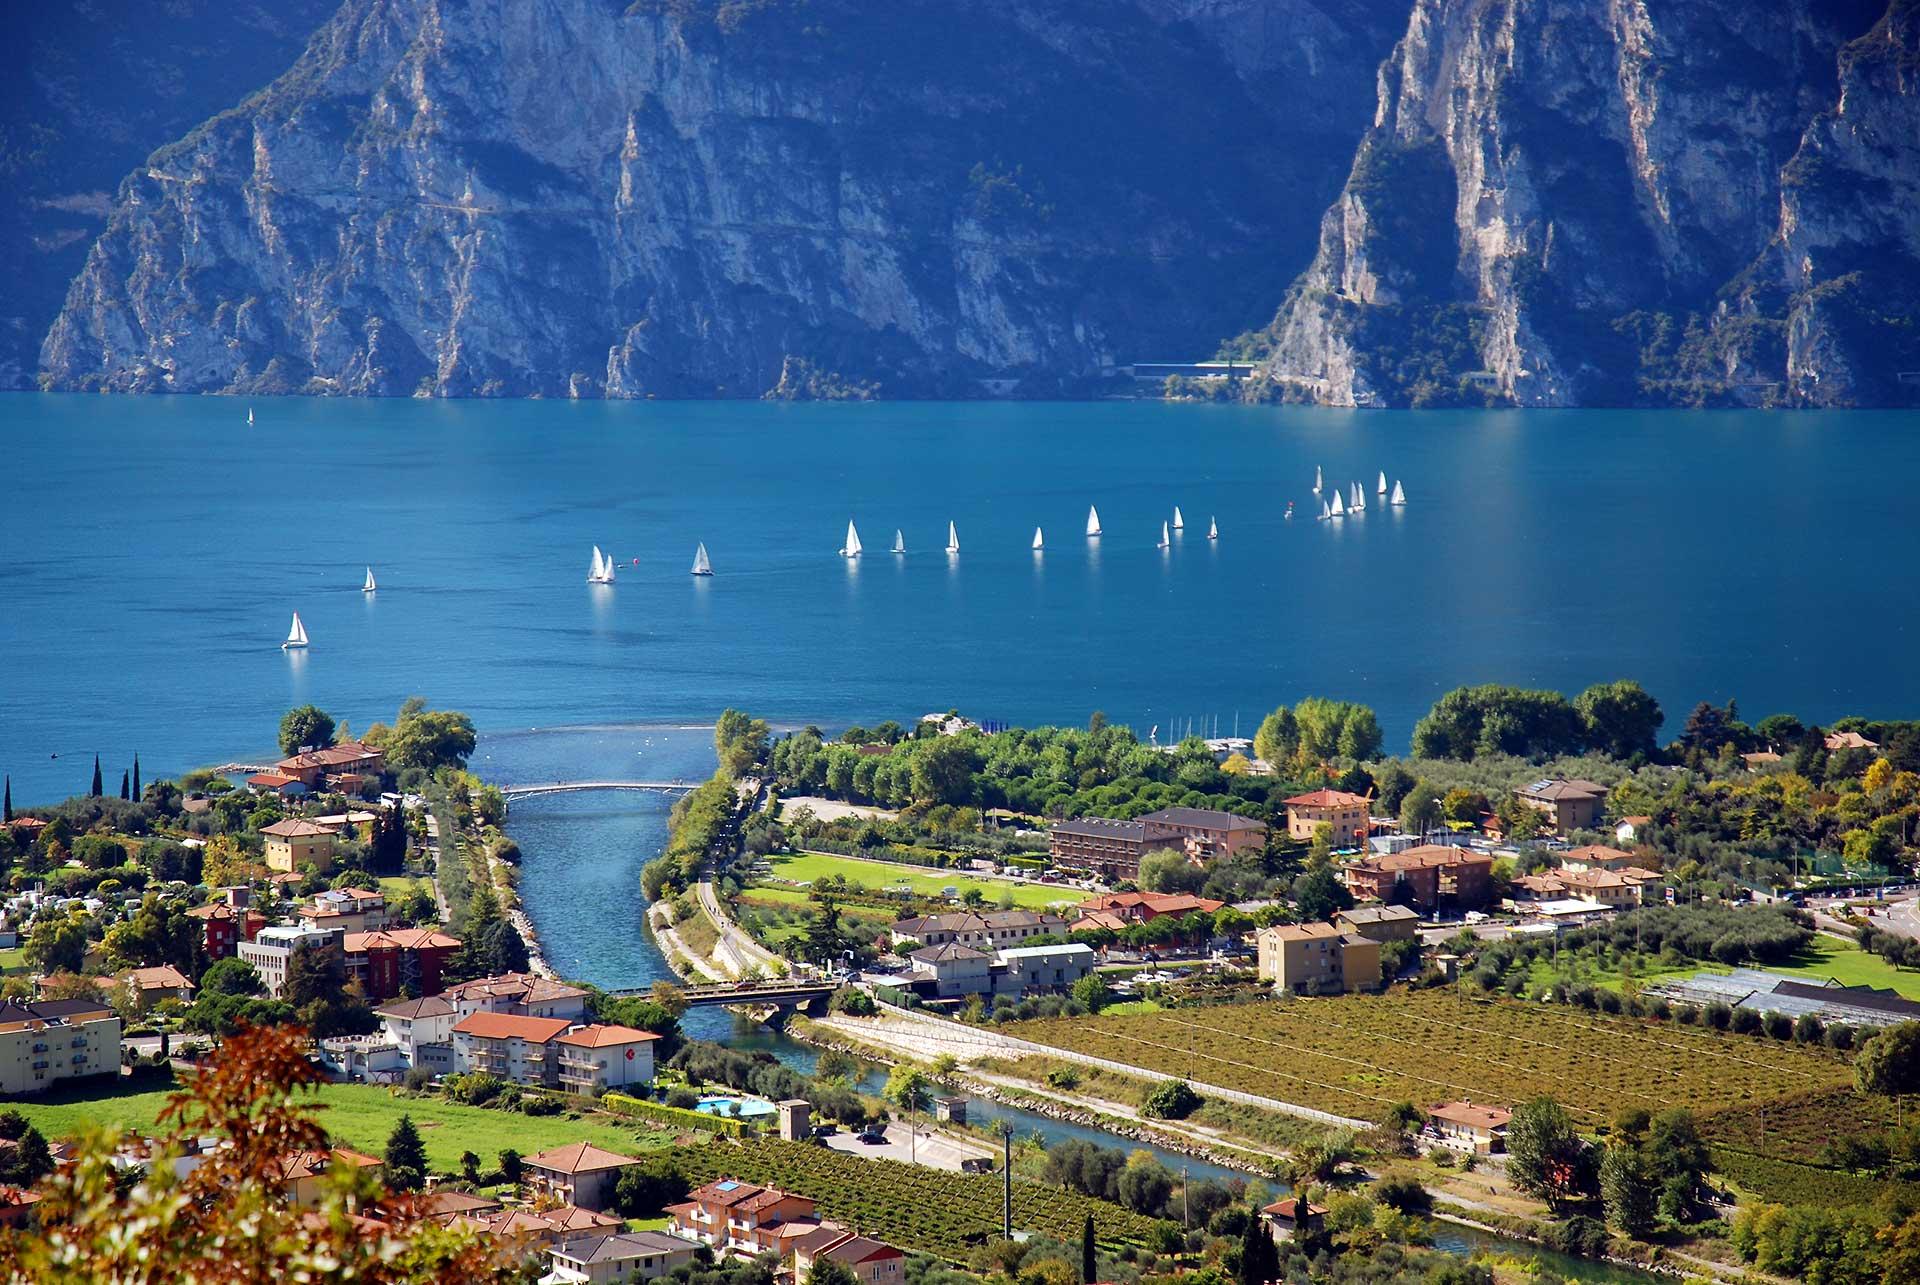 рынок предлагает италия фото озера гарда й стрейтс беспокойном ритме